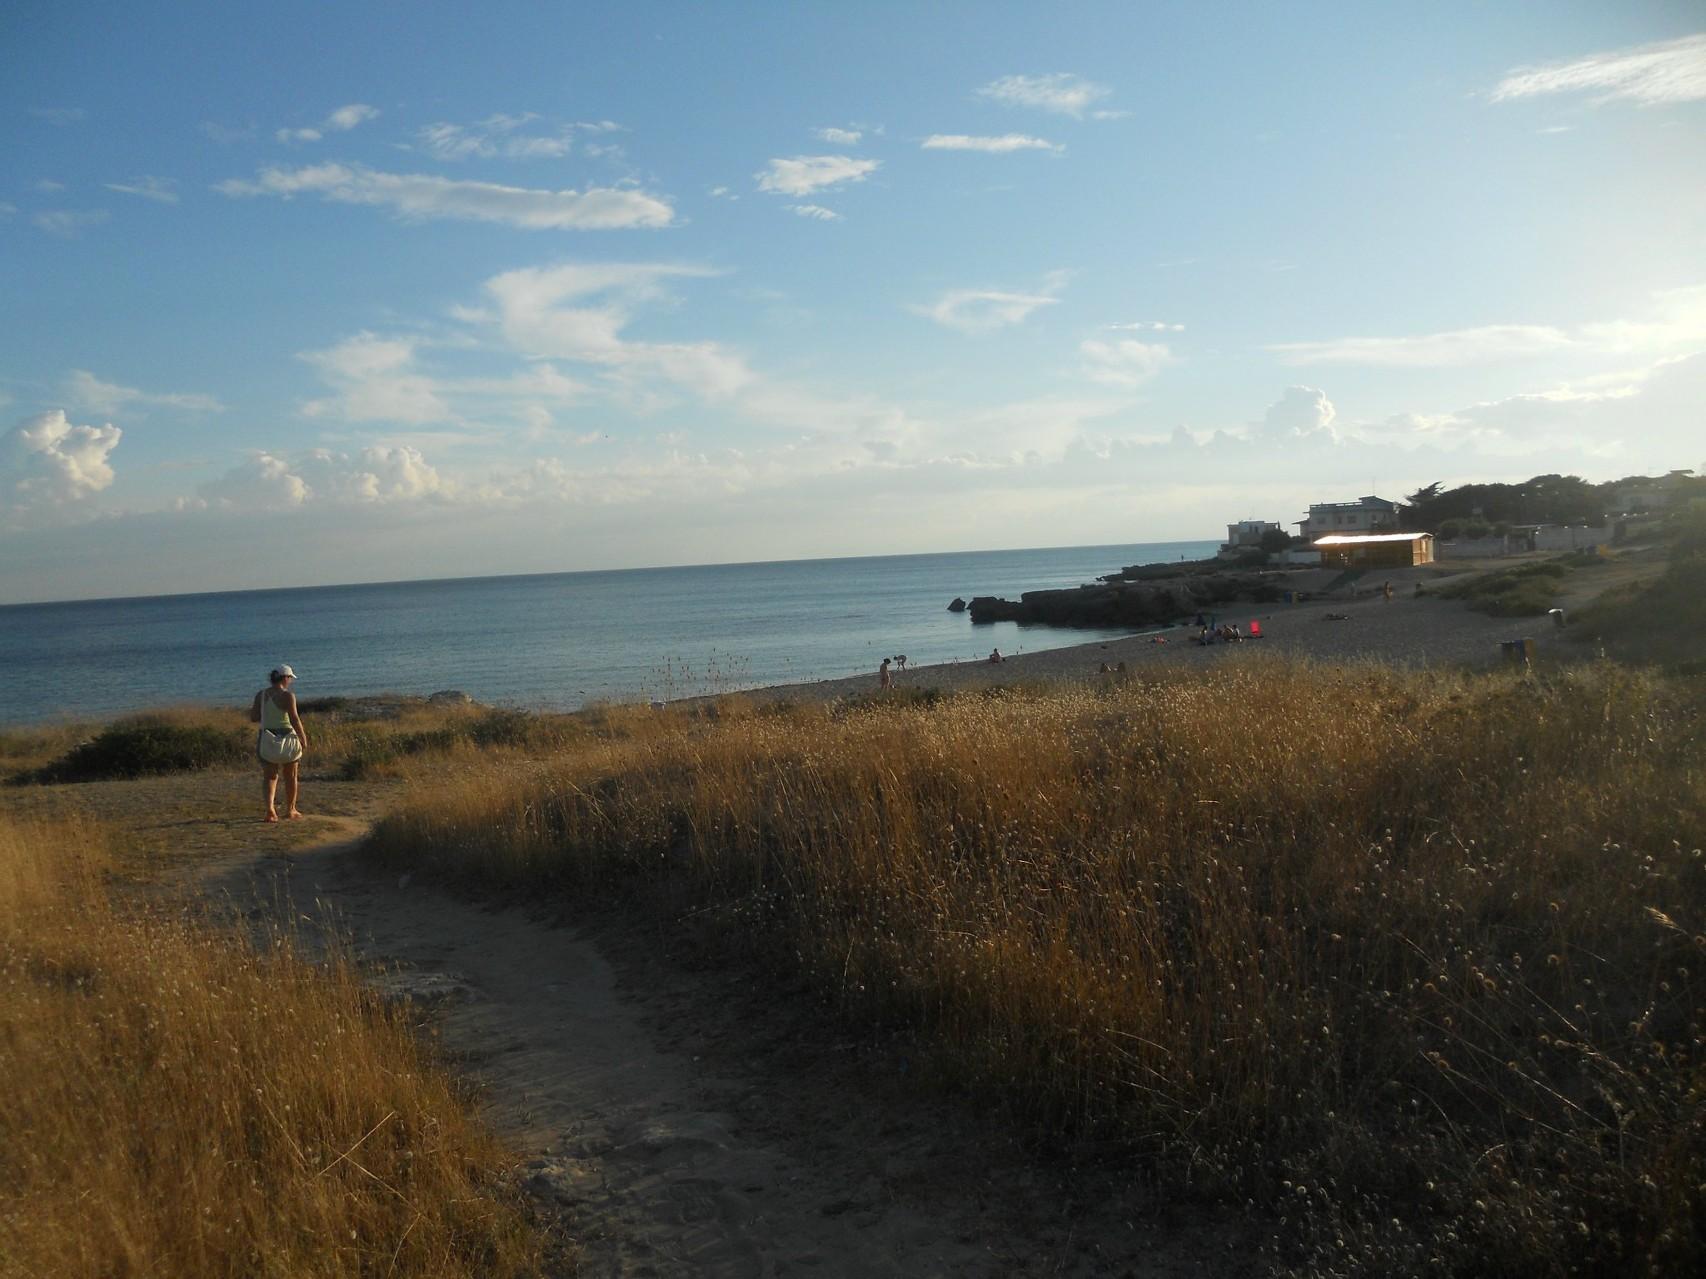 Stradina per raggiungere la spiaggia ad 1 km dall'appartamento.